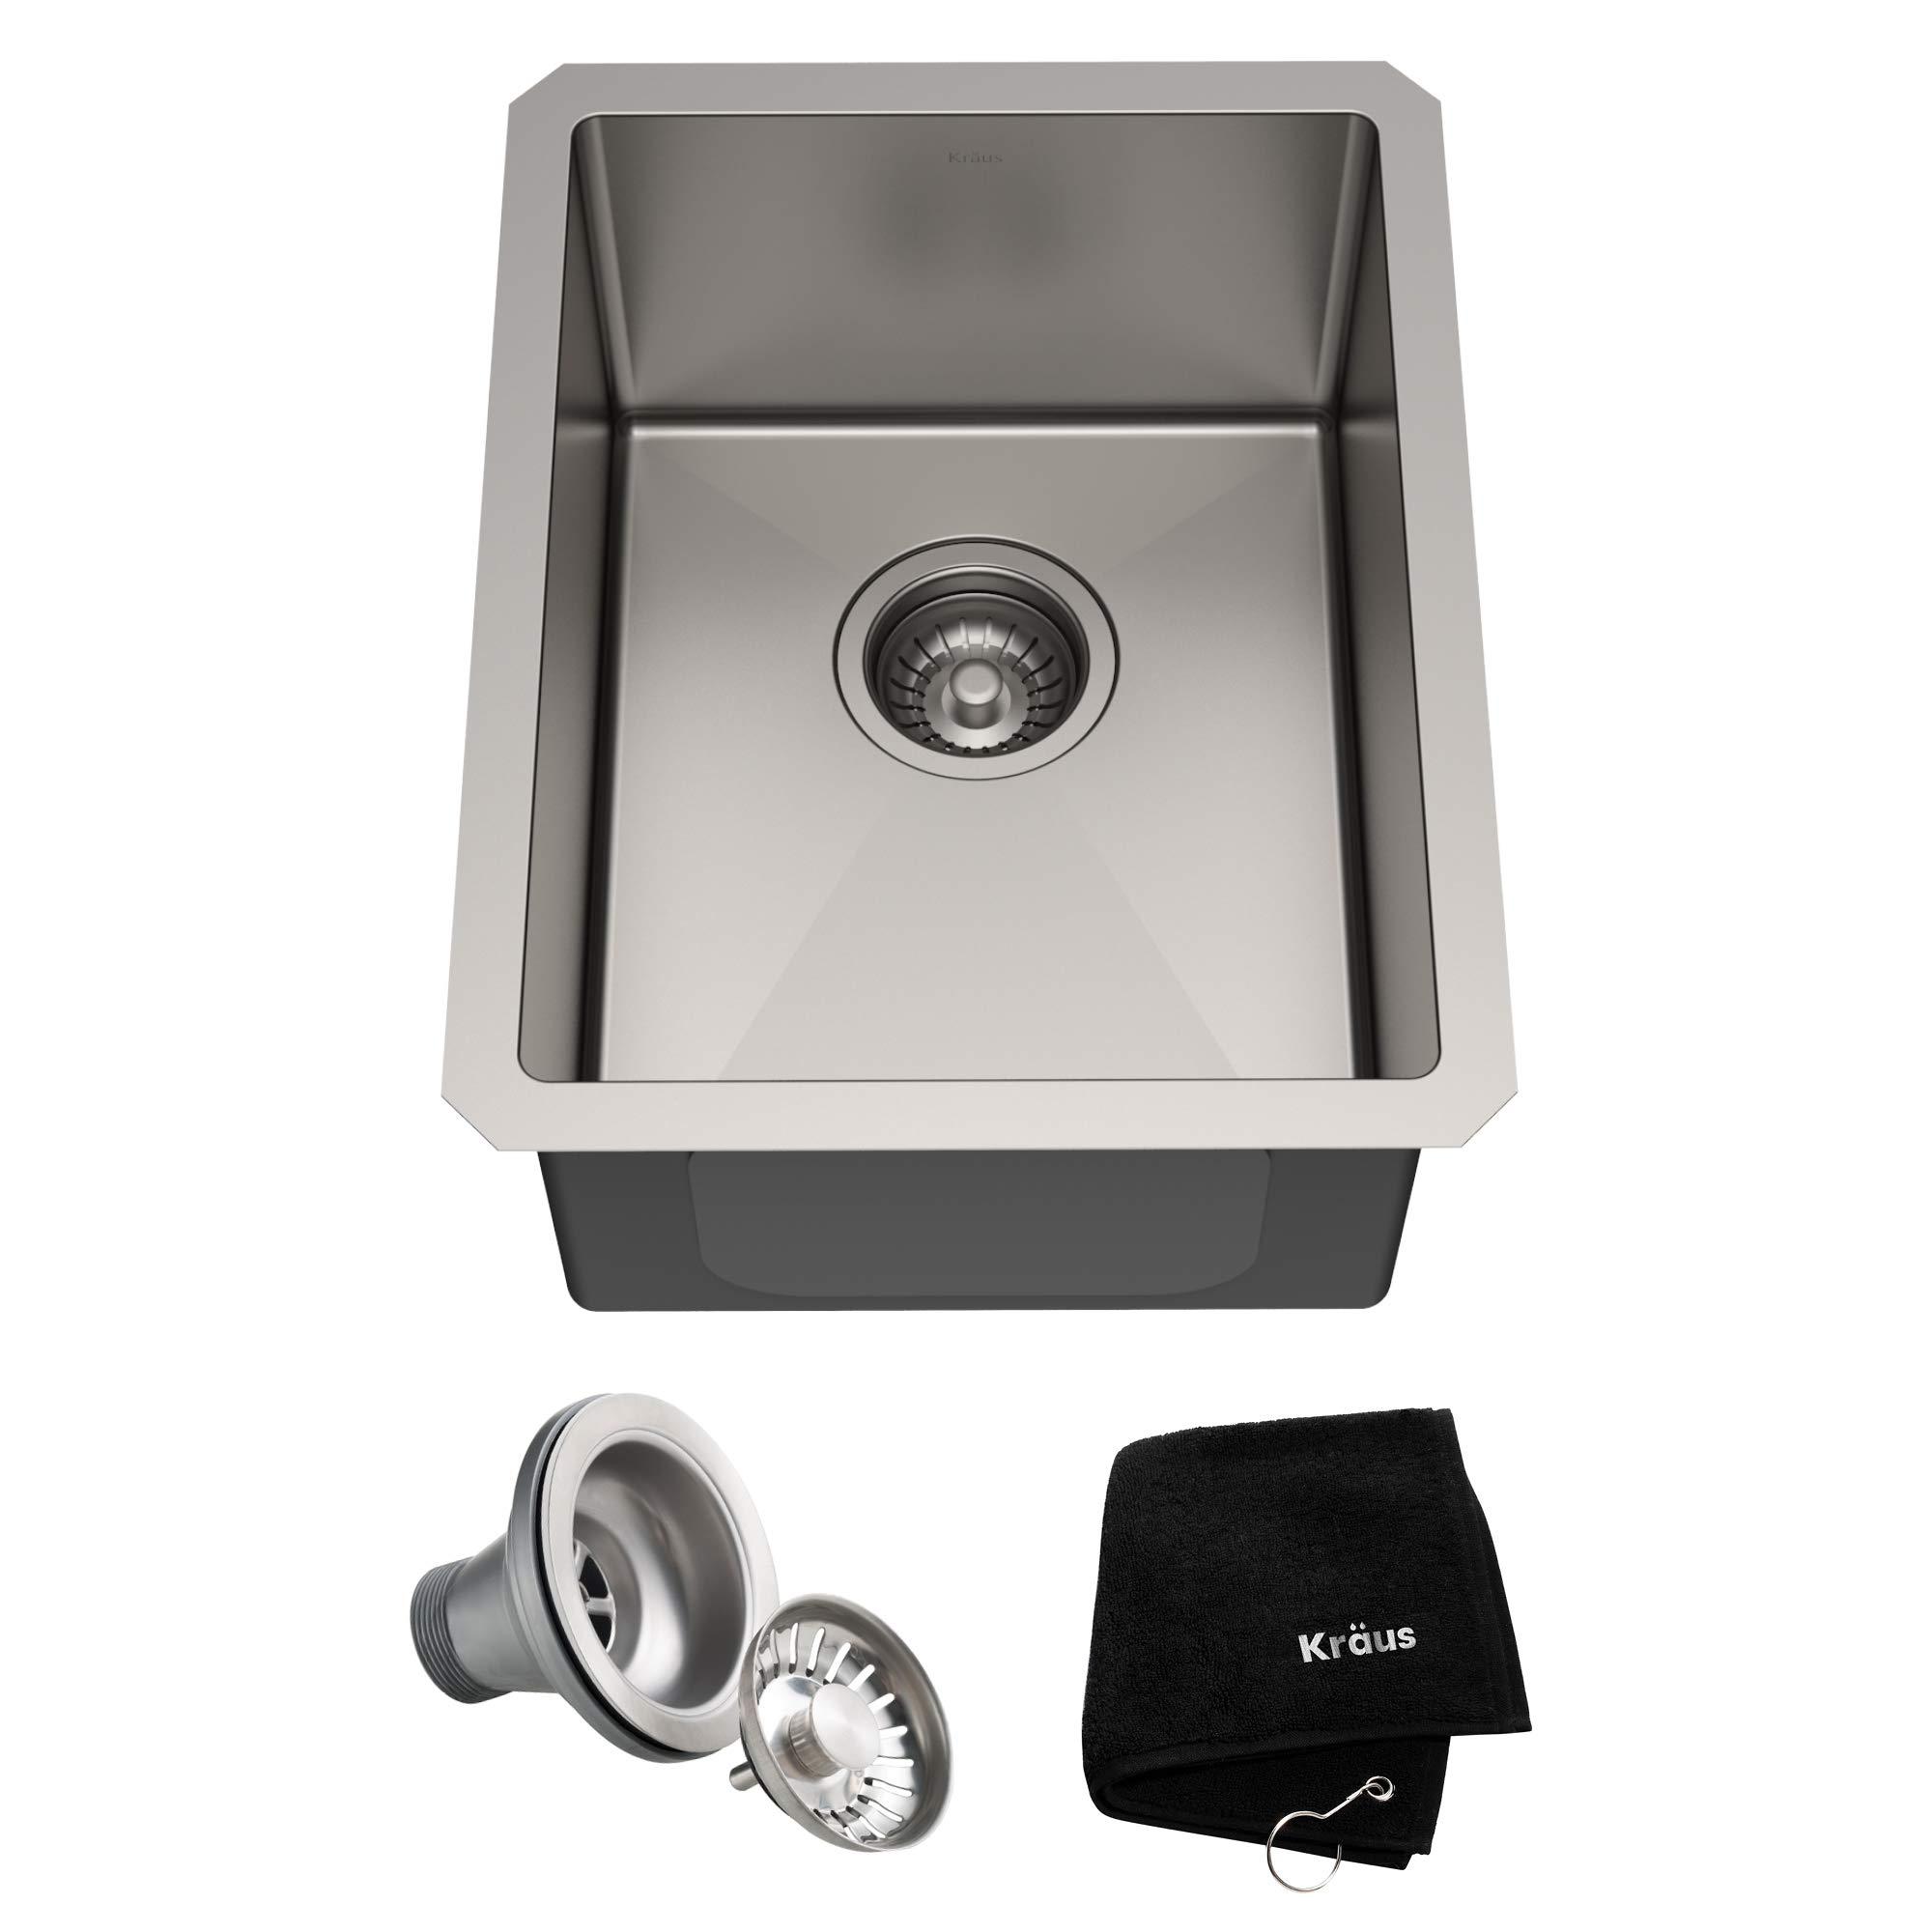 Kraus KHU101-14 Standart PRO Kitchen Stainless Steel Sink 14 Inch